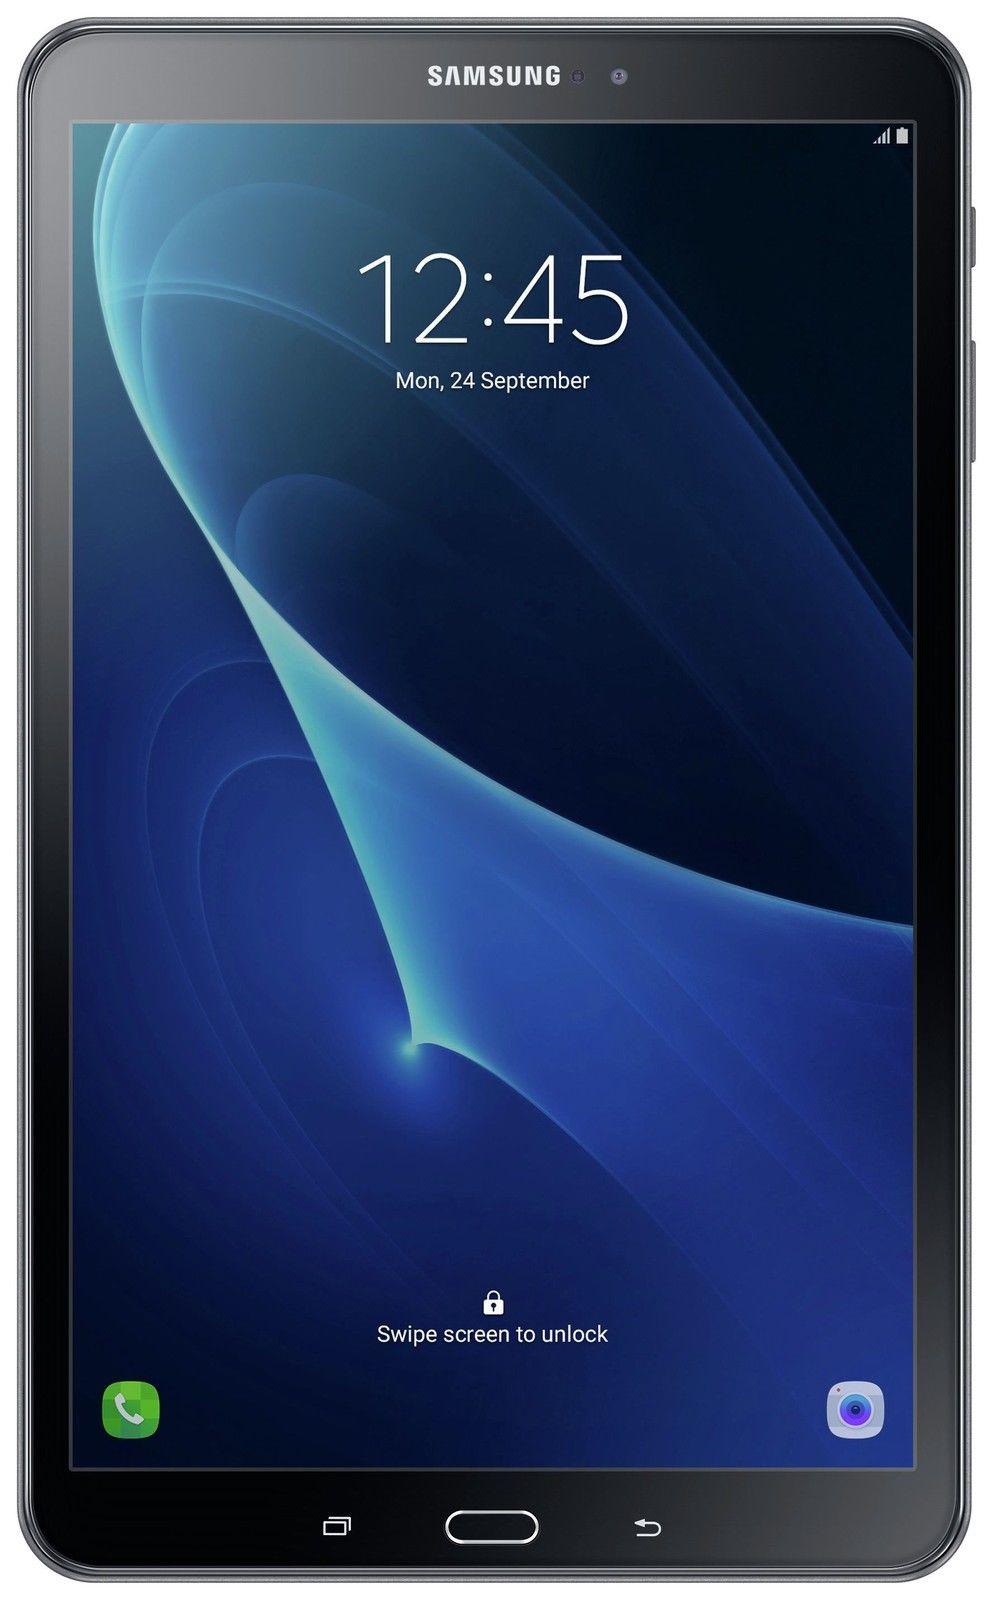 (refurb) Samsung Tab A 10.1 Inch 1.6GHz 2GB 16GB Wi-Fi Android 6.0 Tablet - Black at Argos Ebay for £124.99